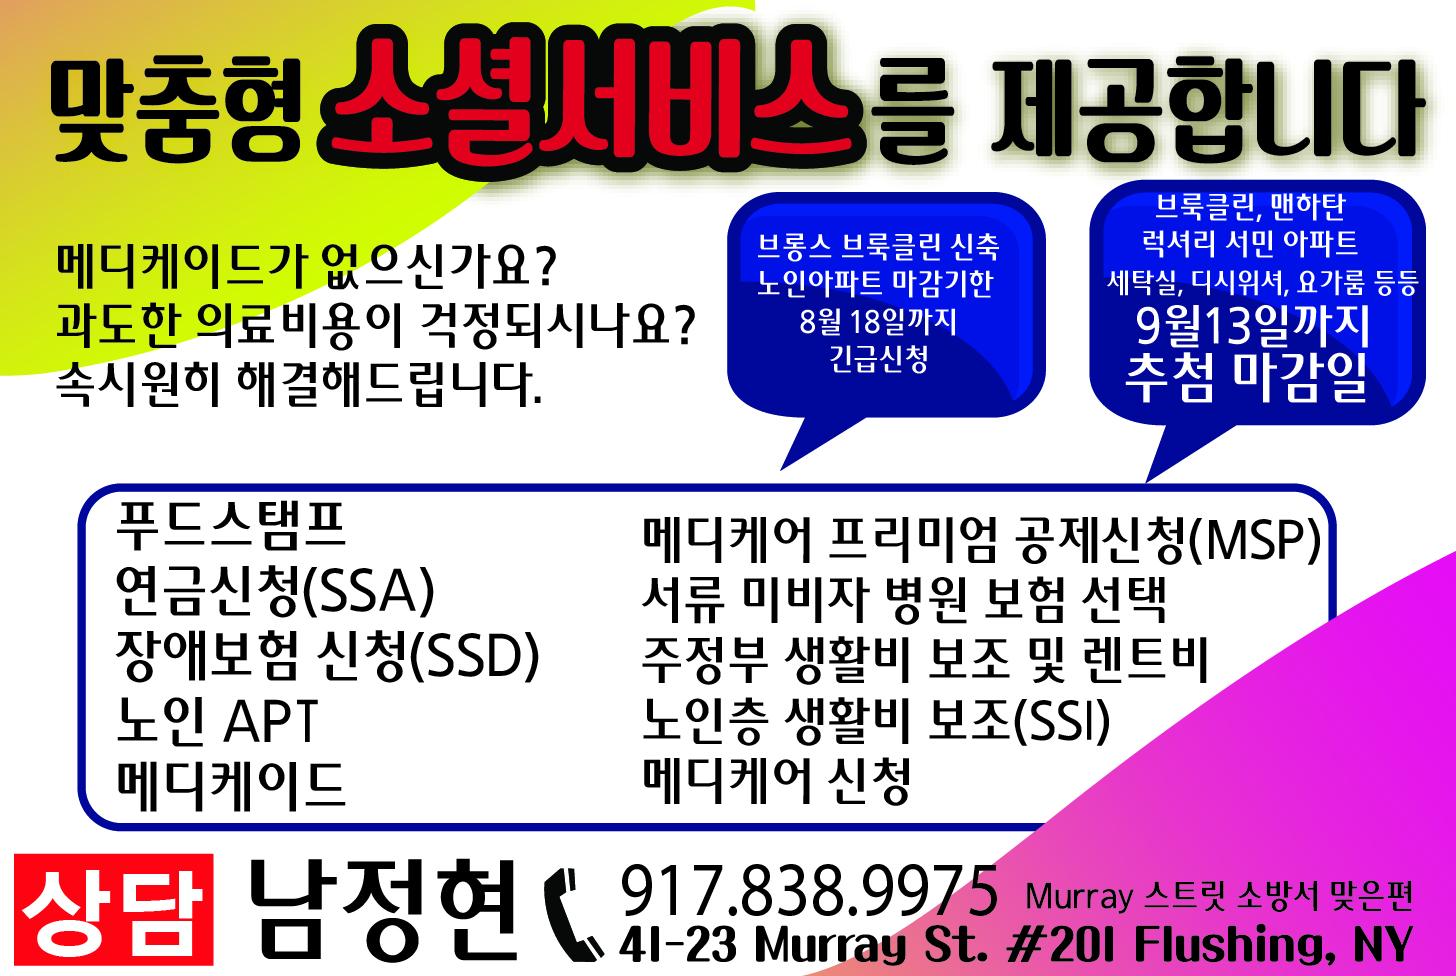 소셜서비스,남정연-02.jpg